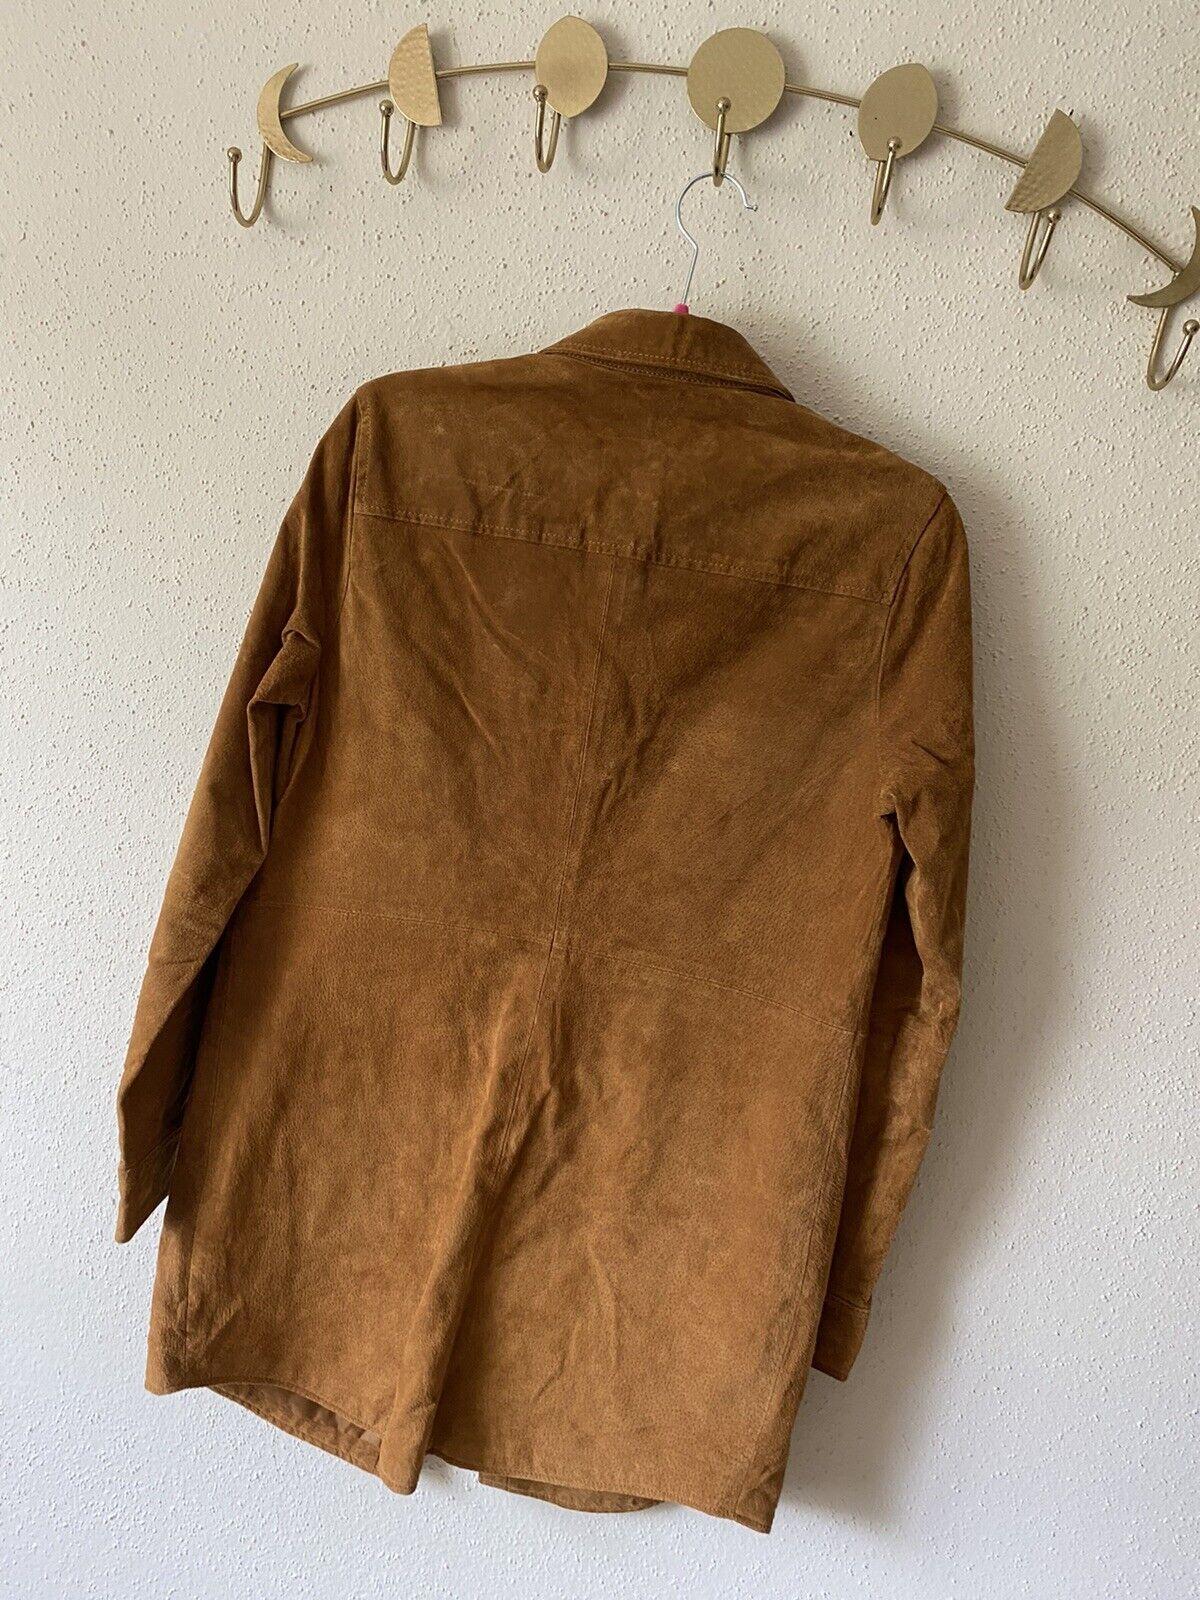 forever 21 leather jacket Shirt Size M - image 6